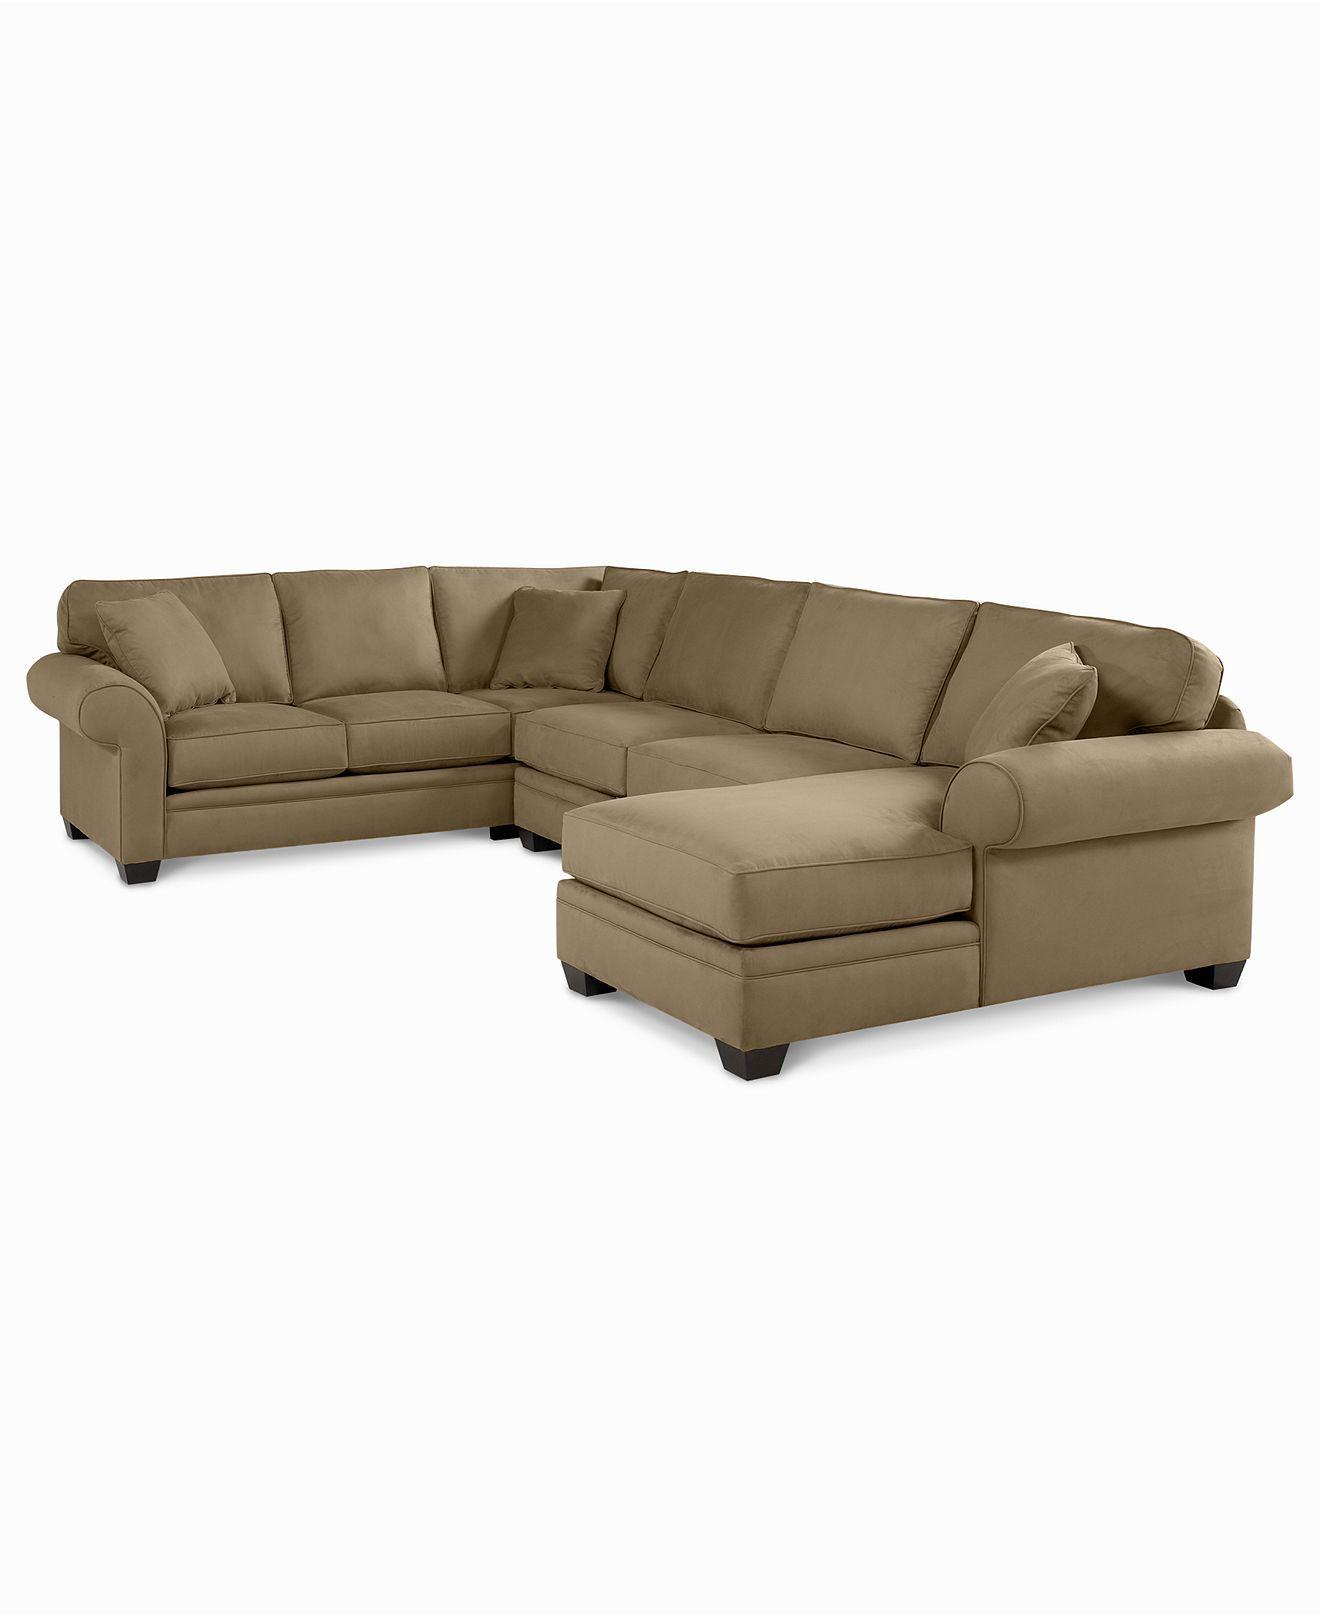 Raja fabric microfiber sectional sofa 3 piece right arm for 6 piece microfiber sectional sofa